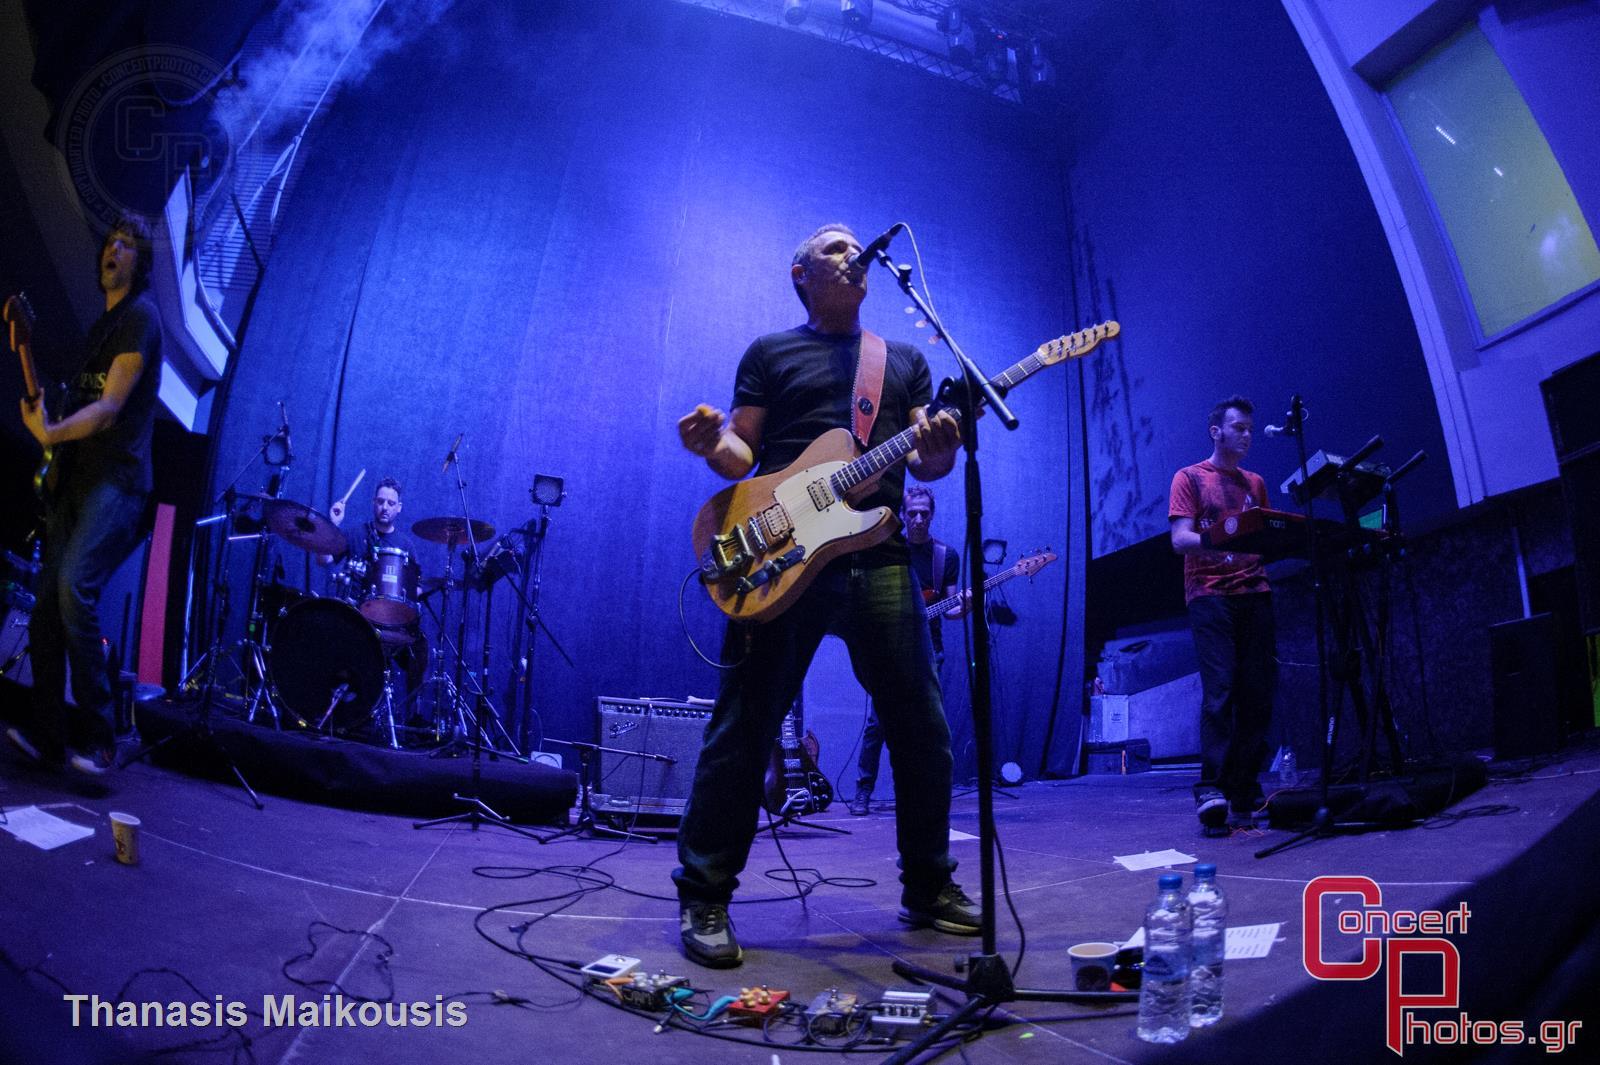 Παύλος Παυλίδης-Pavlidis-stage-volume1 photographer: Thanasis Maikousis - concertphotos_20140611_22_03_42